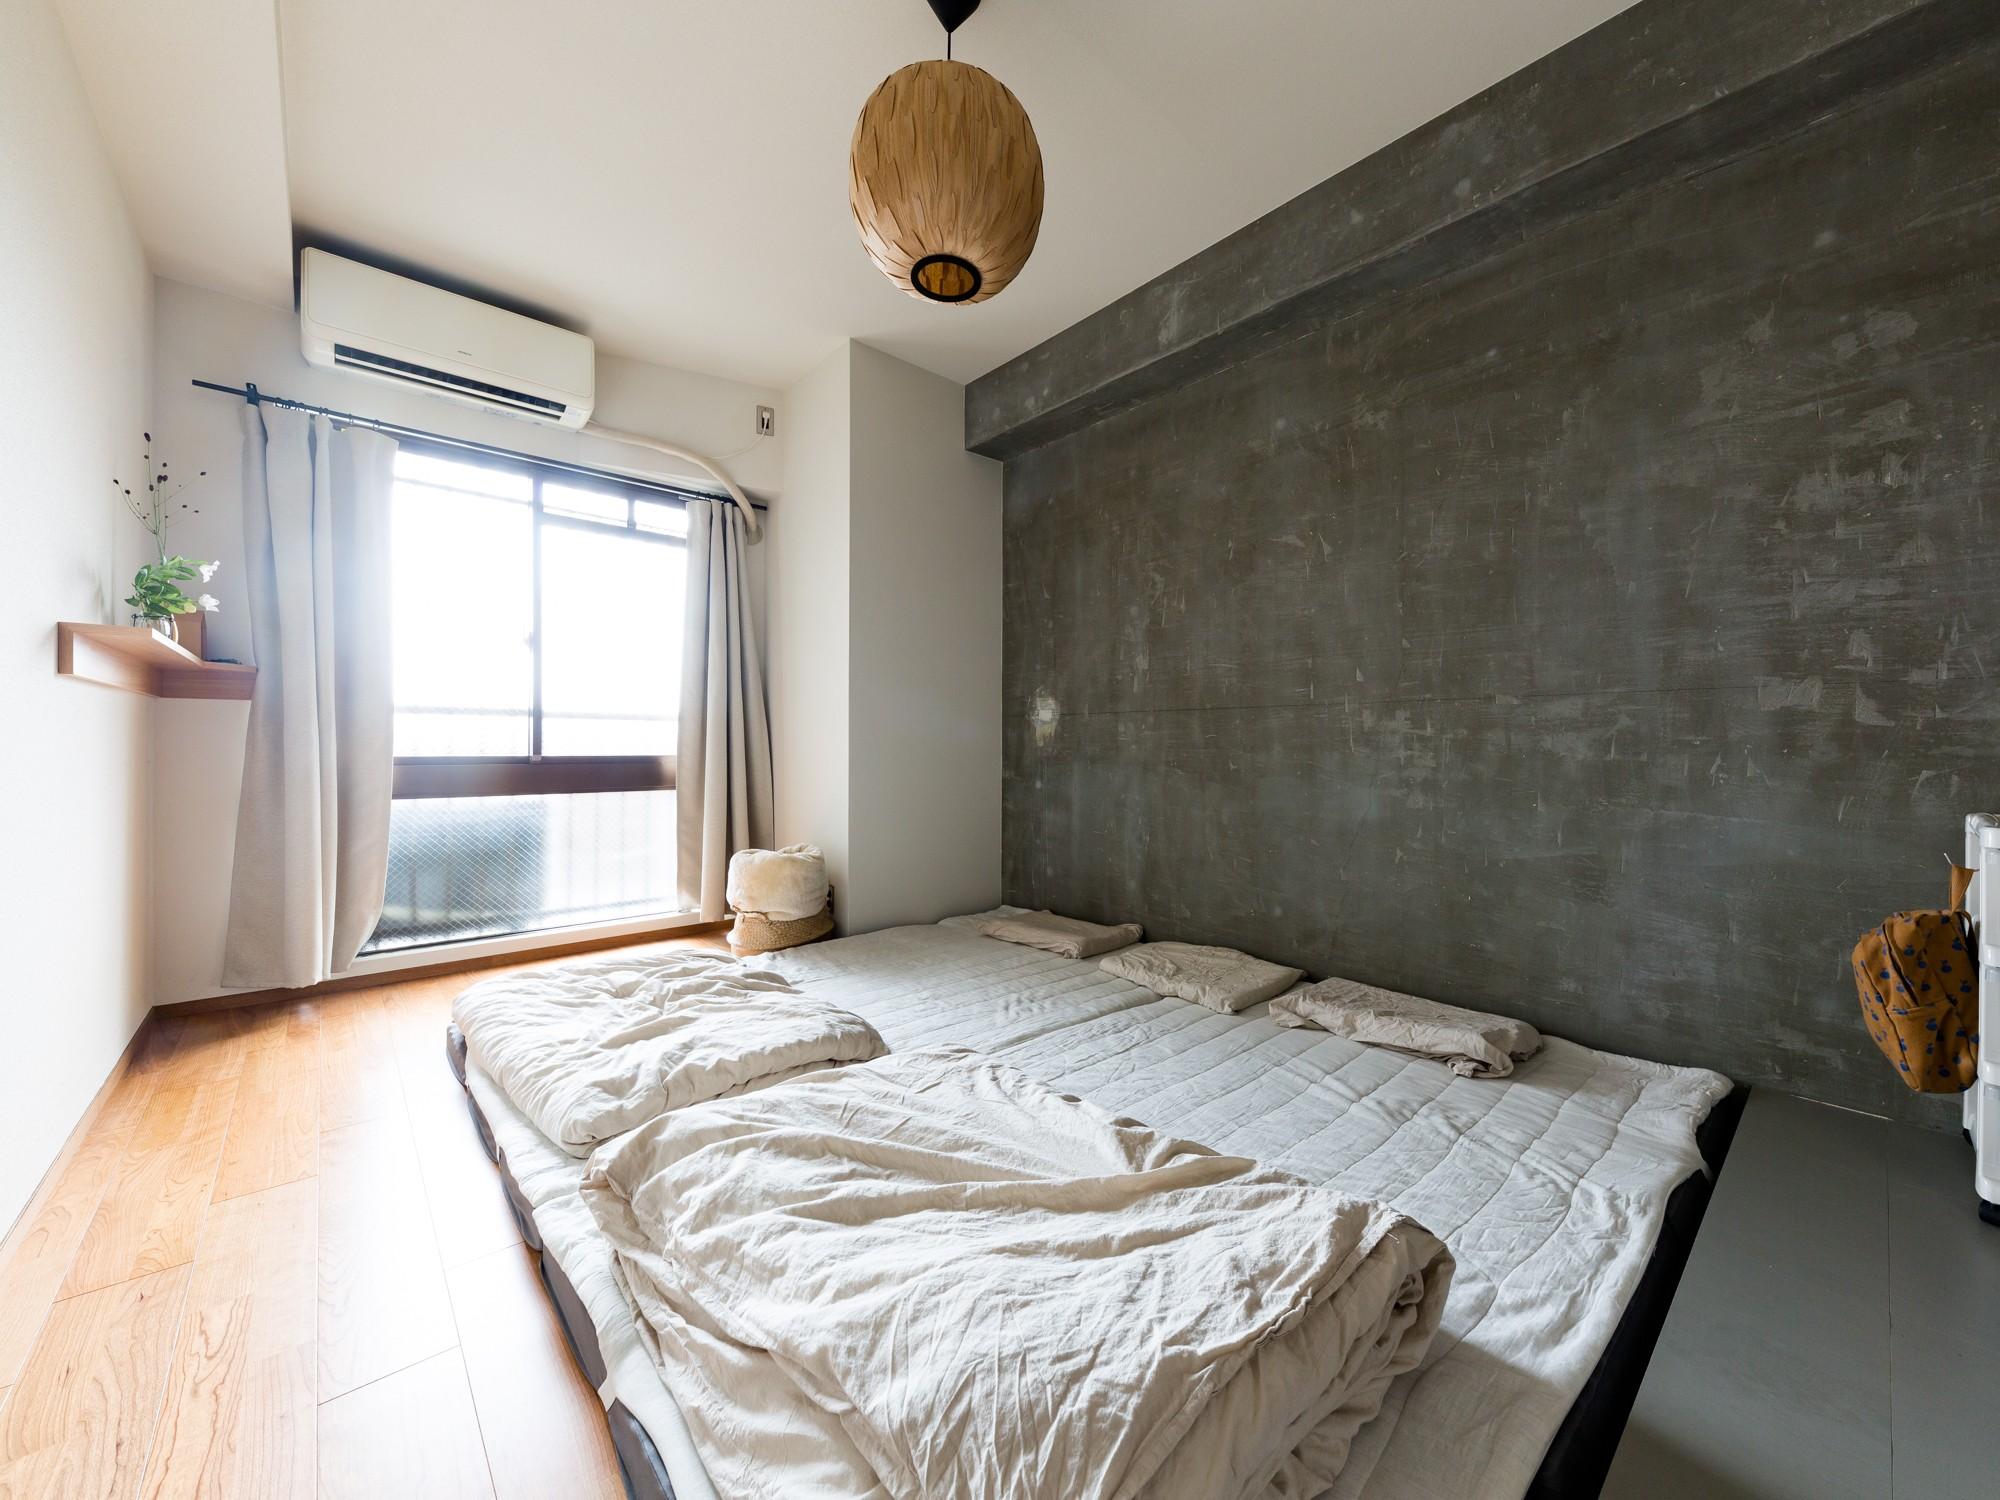 ベッドルーム事例:ベッドルーム(見知らぬ、天井)